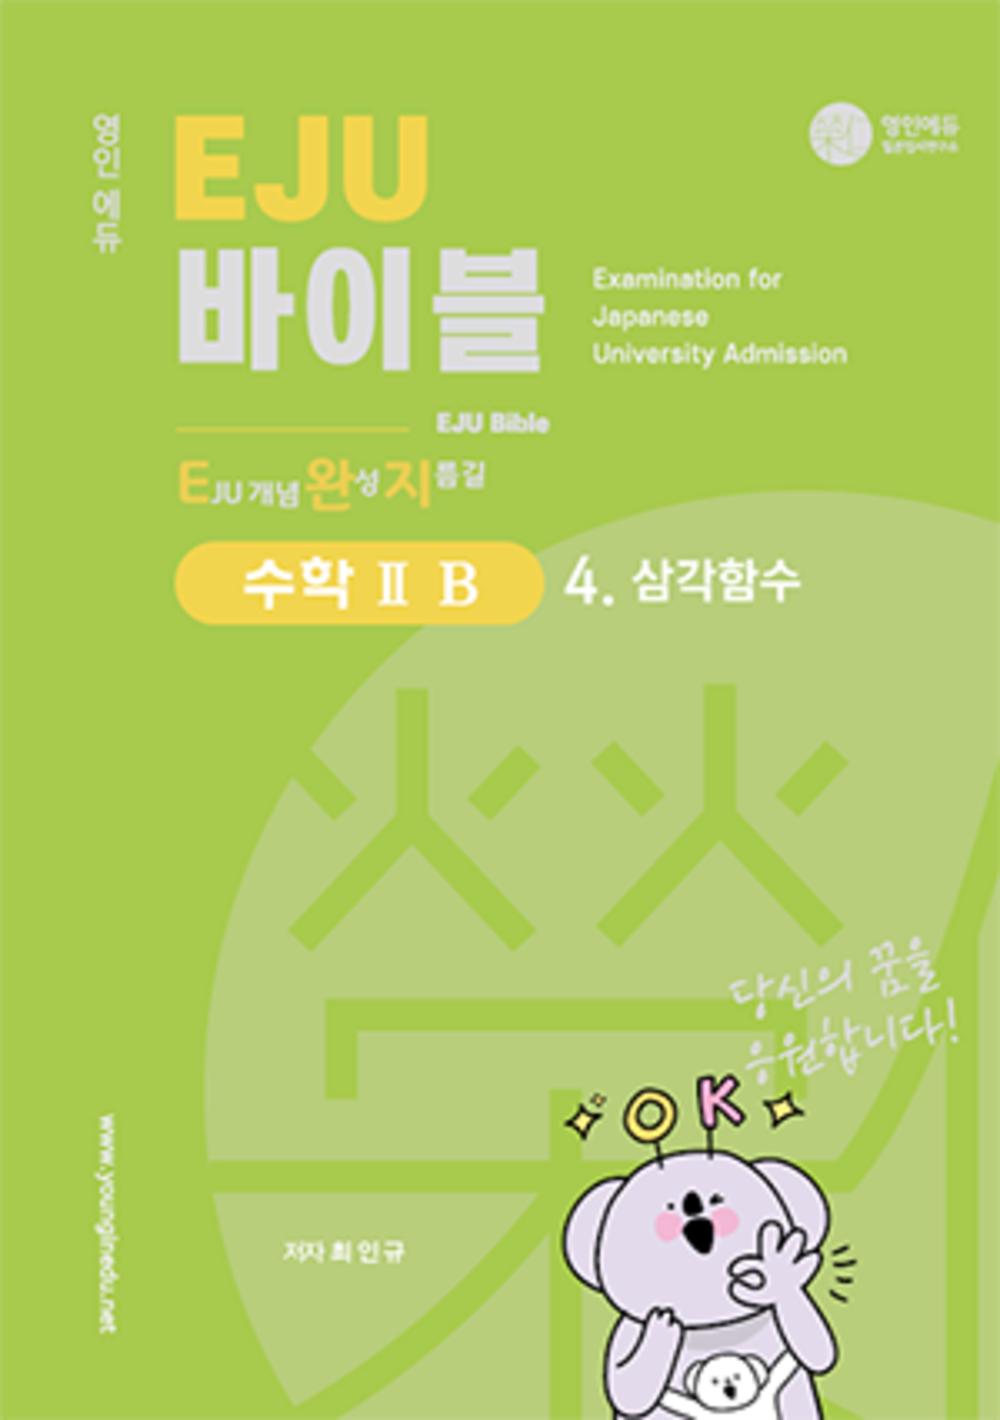 수학 2B_4. 삼각함수 (교재만 개별 구매 불가)